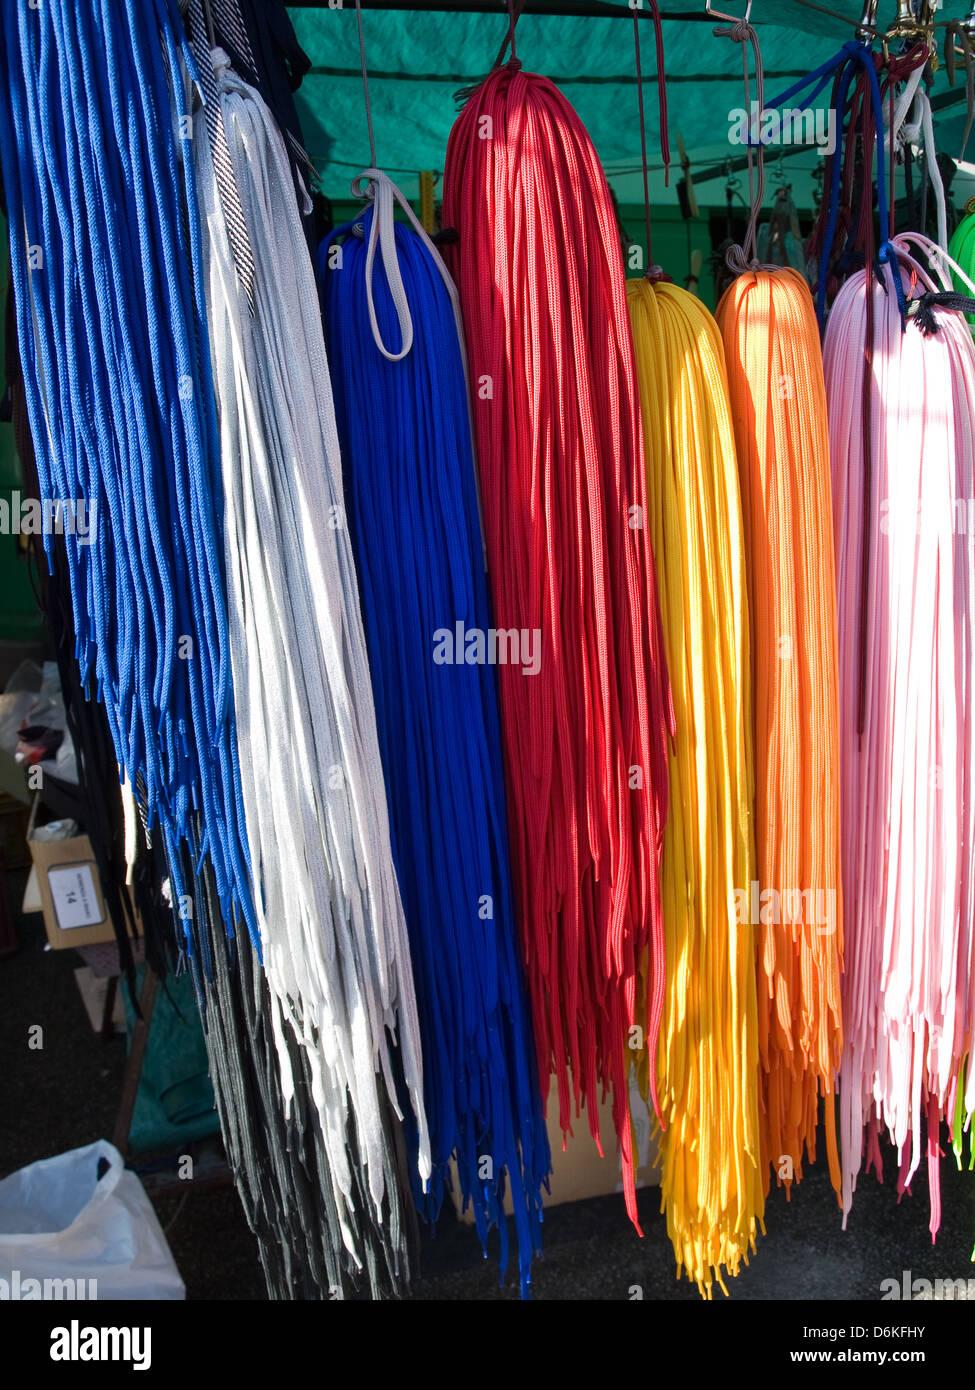 d1cbeb595ec557 Flohmarkt - farbige Schnürsenkel für Schuhe Stockfoto